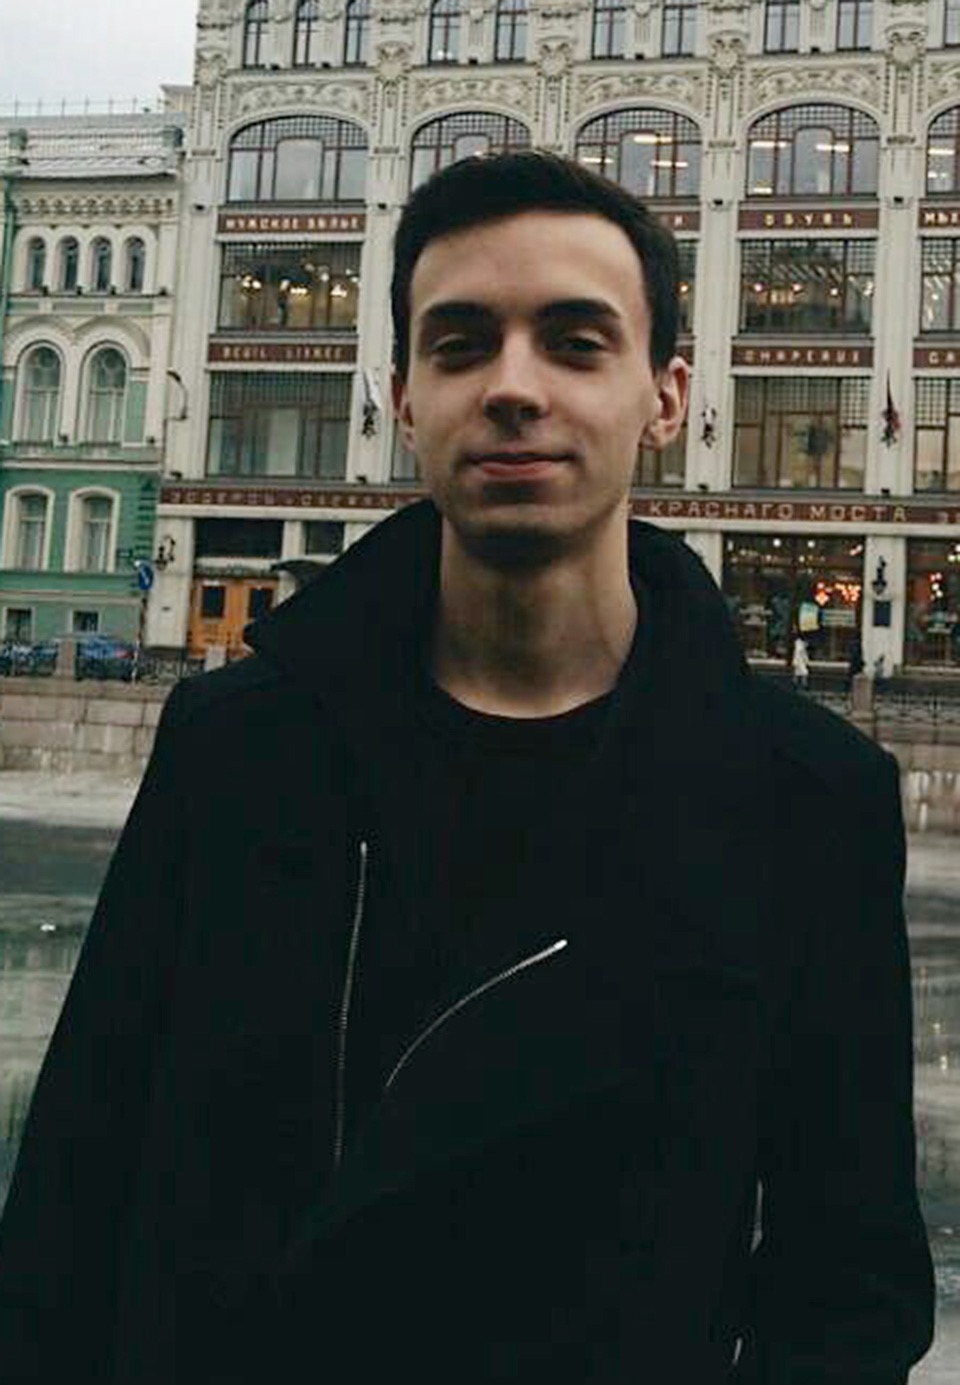 Максим Арышев, 20 лет